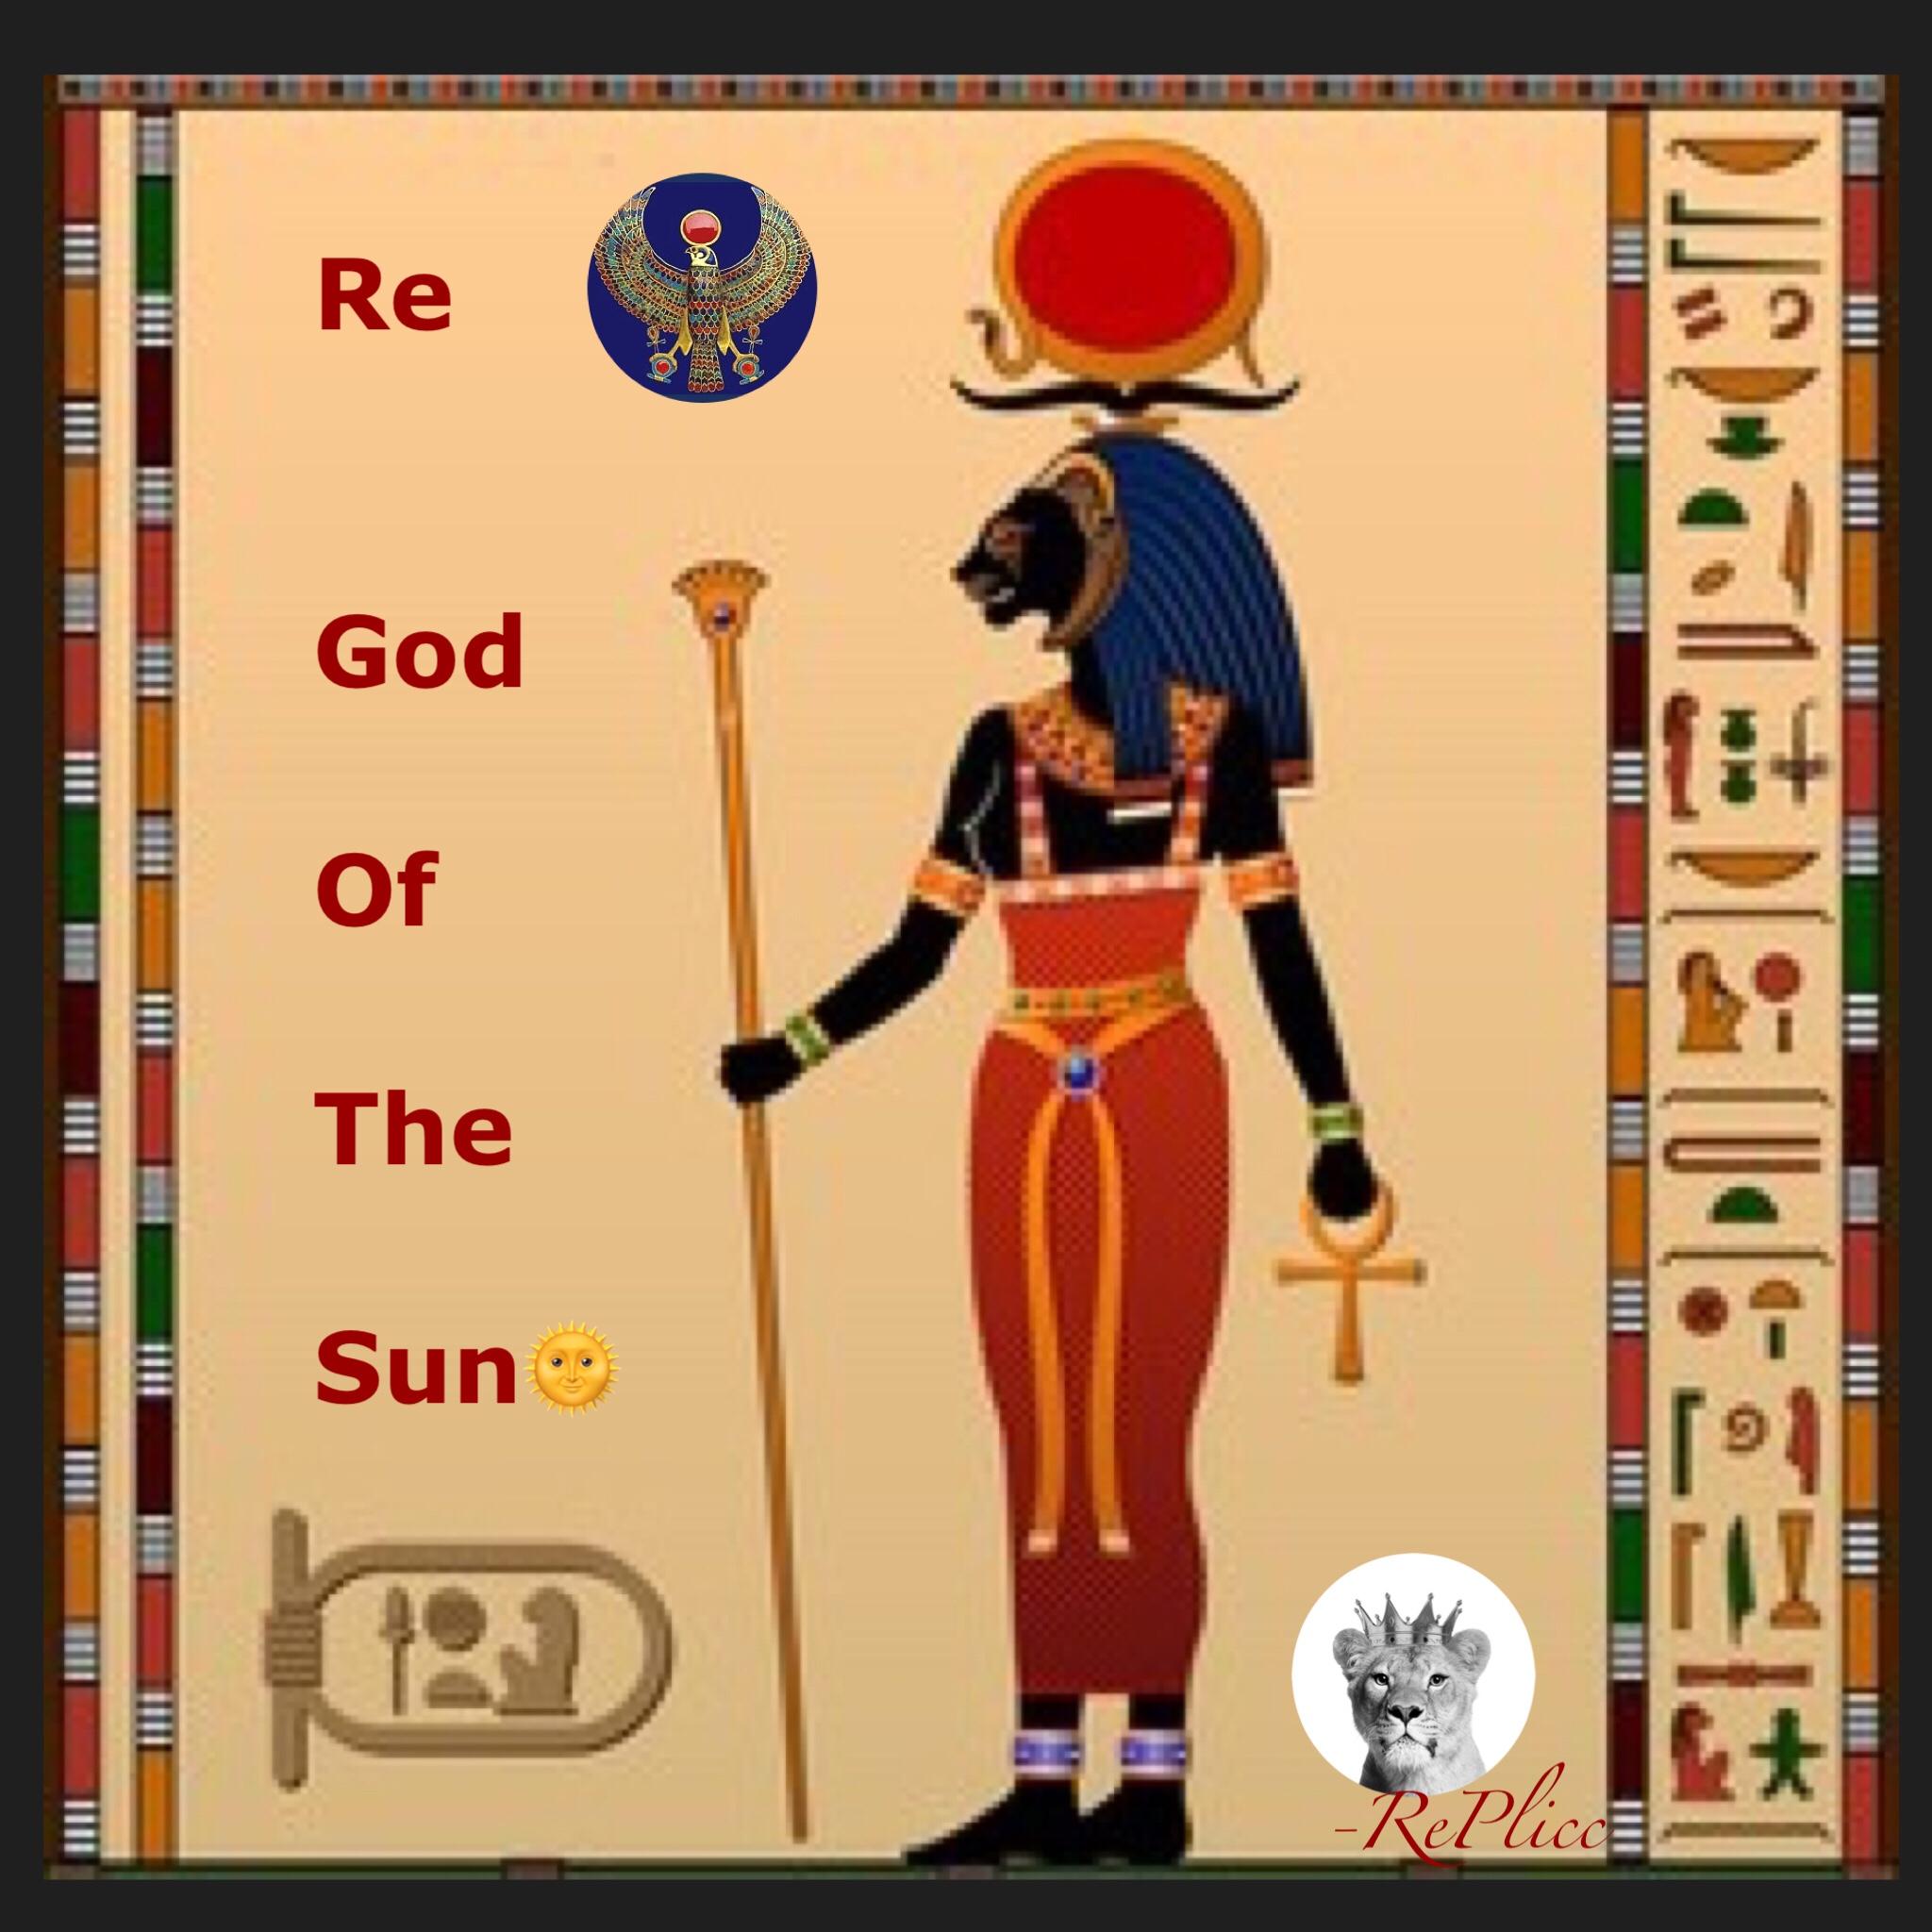 Re, The Sun God